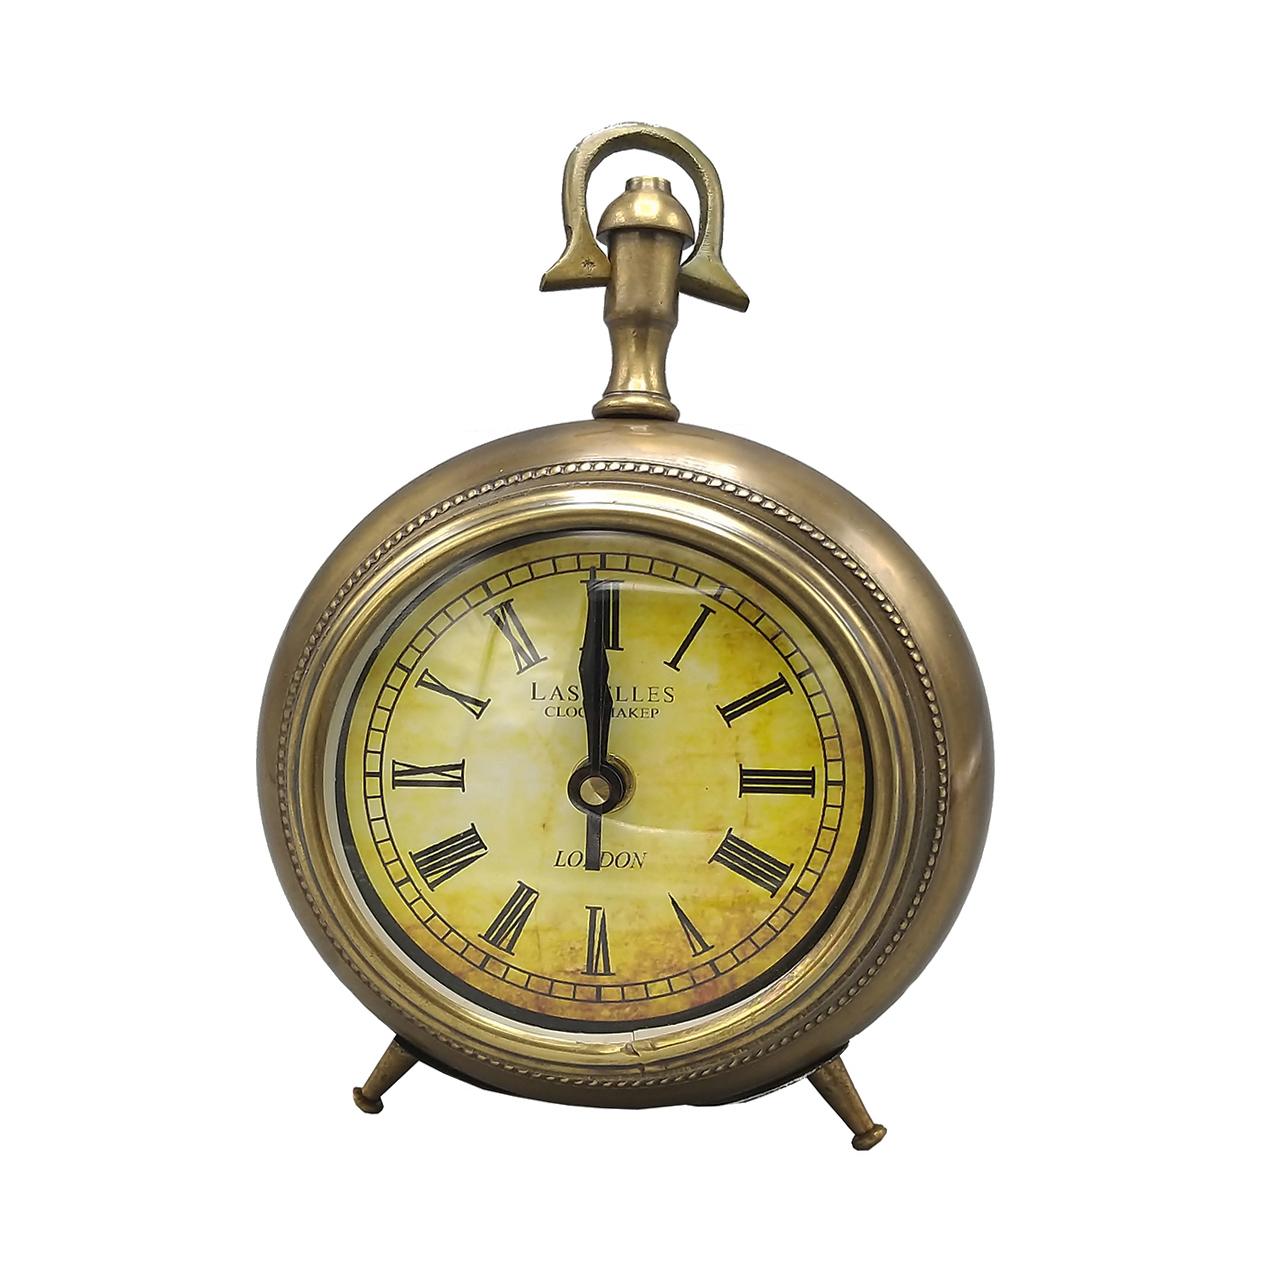 ساعت رومیزی برنجی لاسکلس طرح آنتیک کد Ia-210